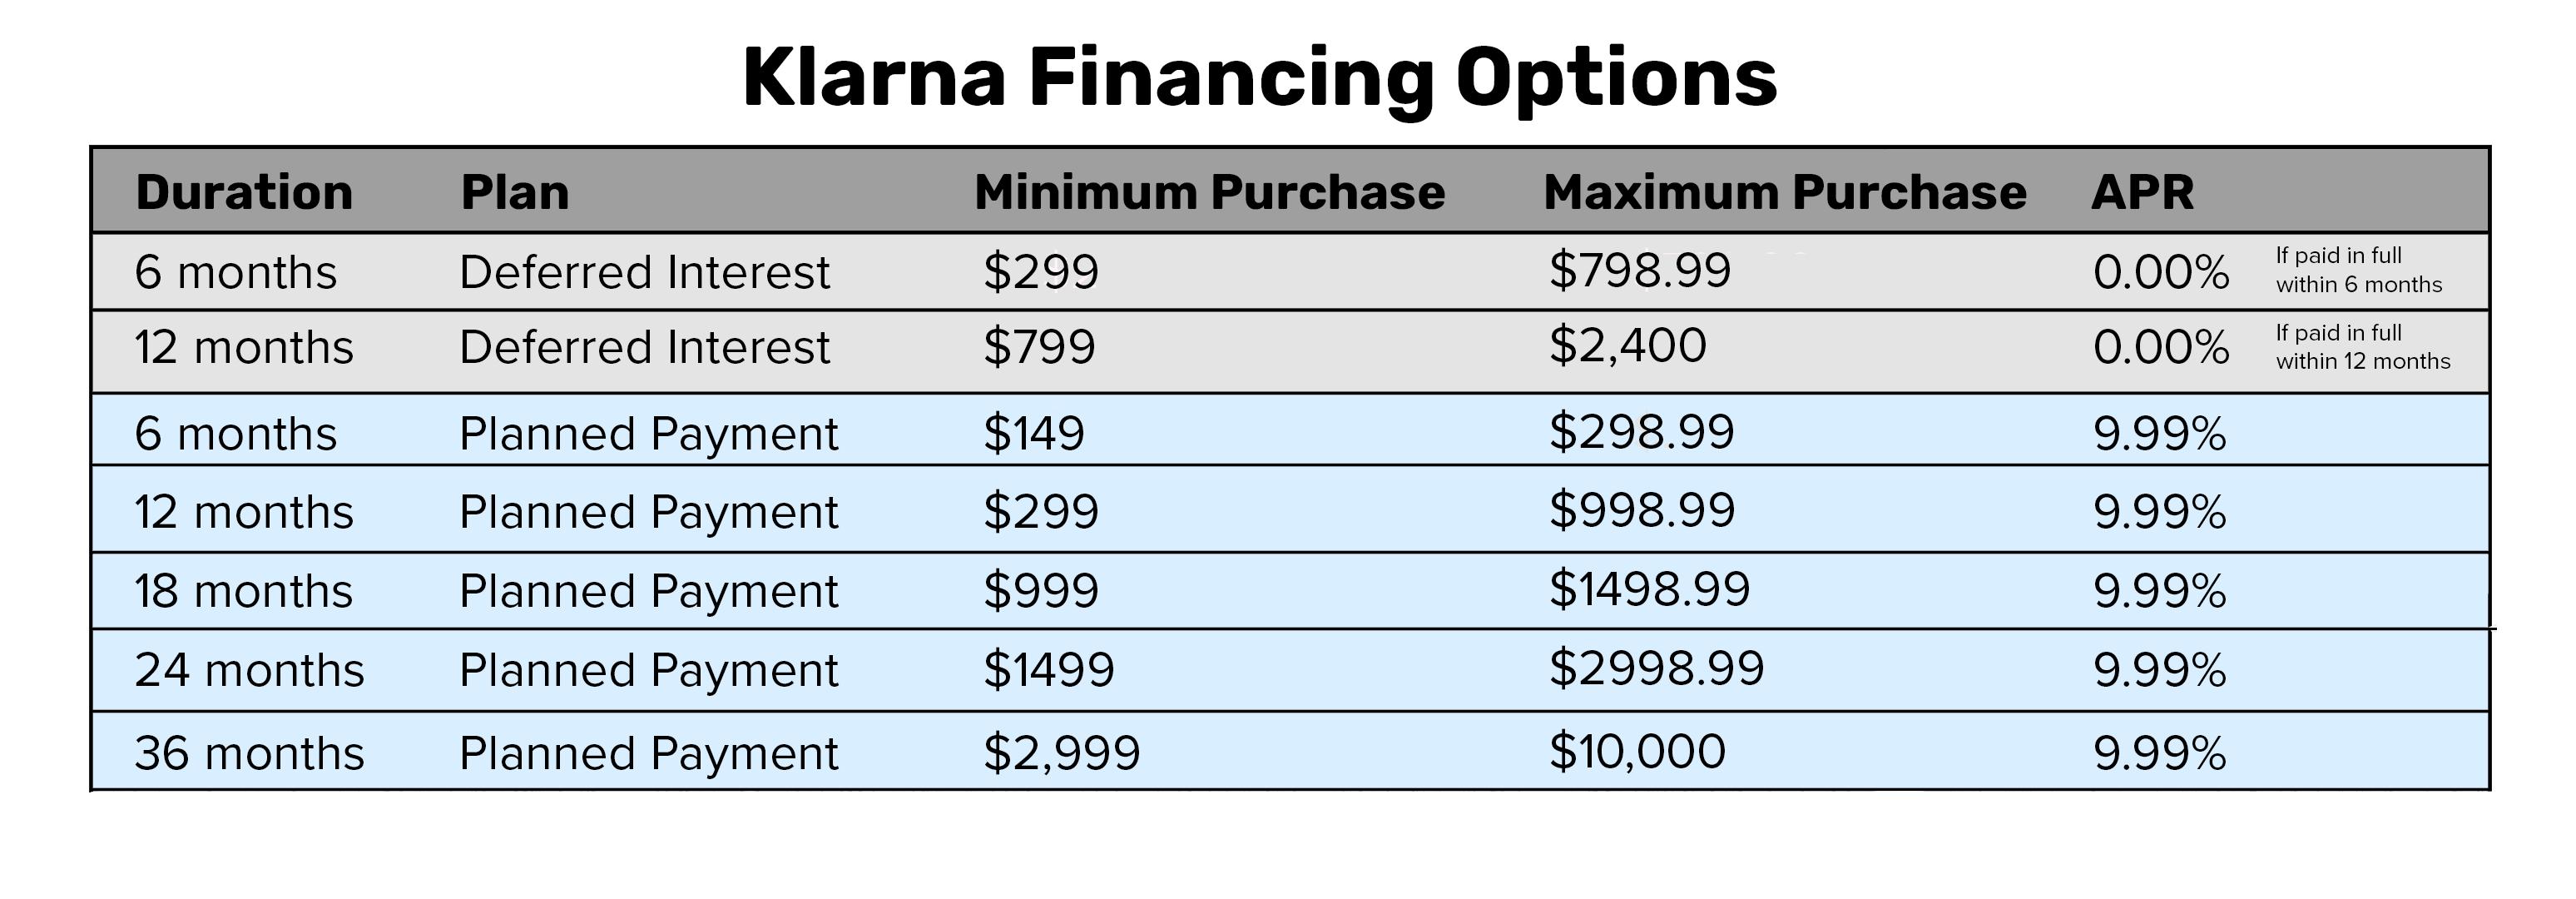 Klarna Financing